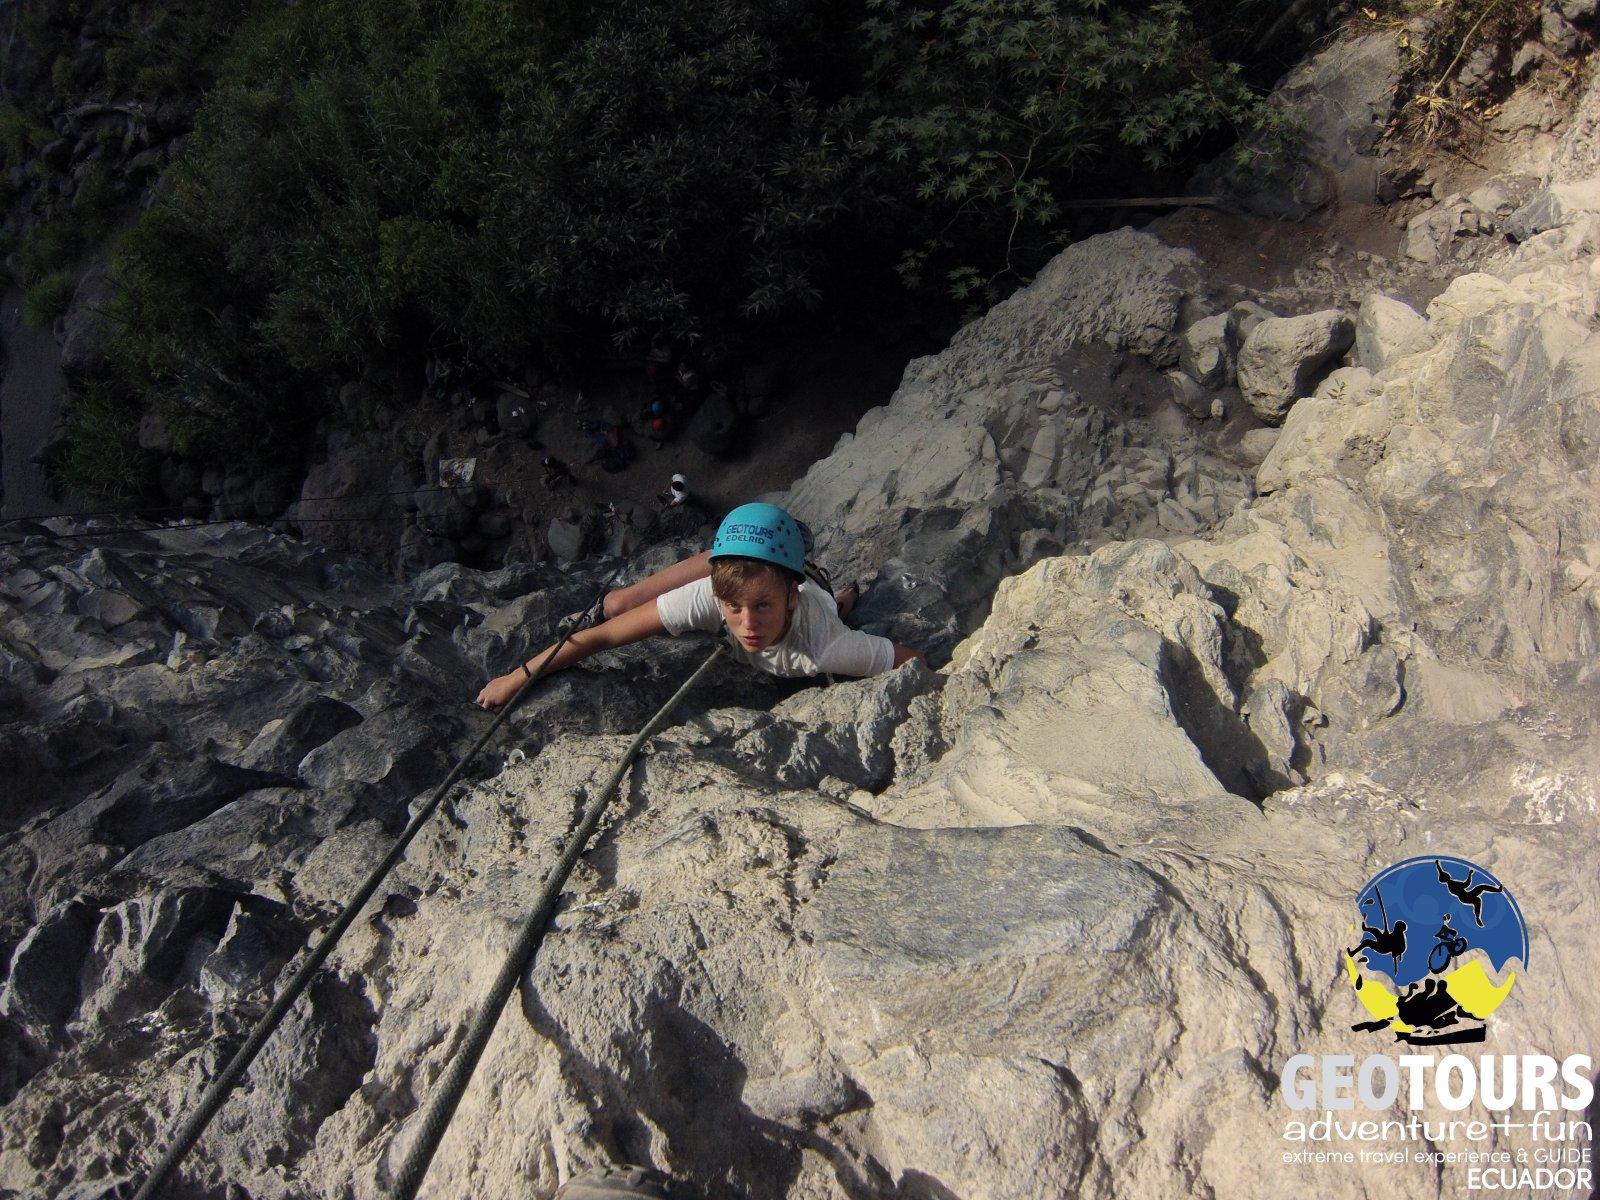 Tours de Escalada en Roca